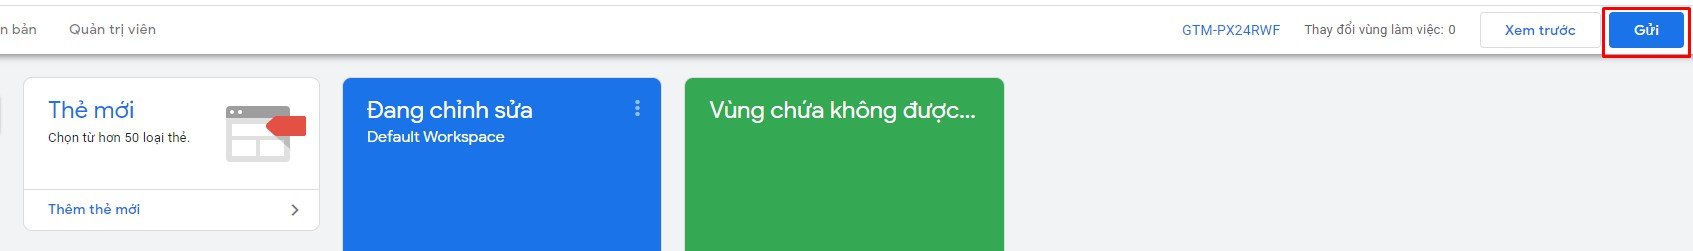 hướng dẫn cài đặt Google Tag Manager